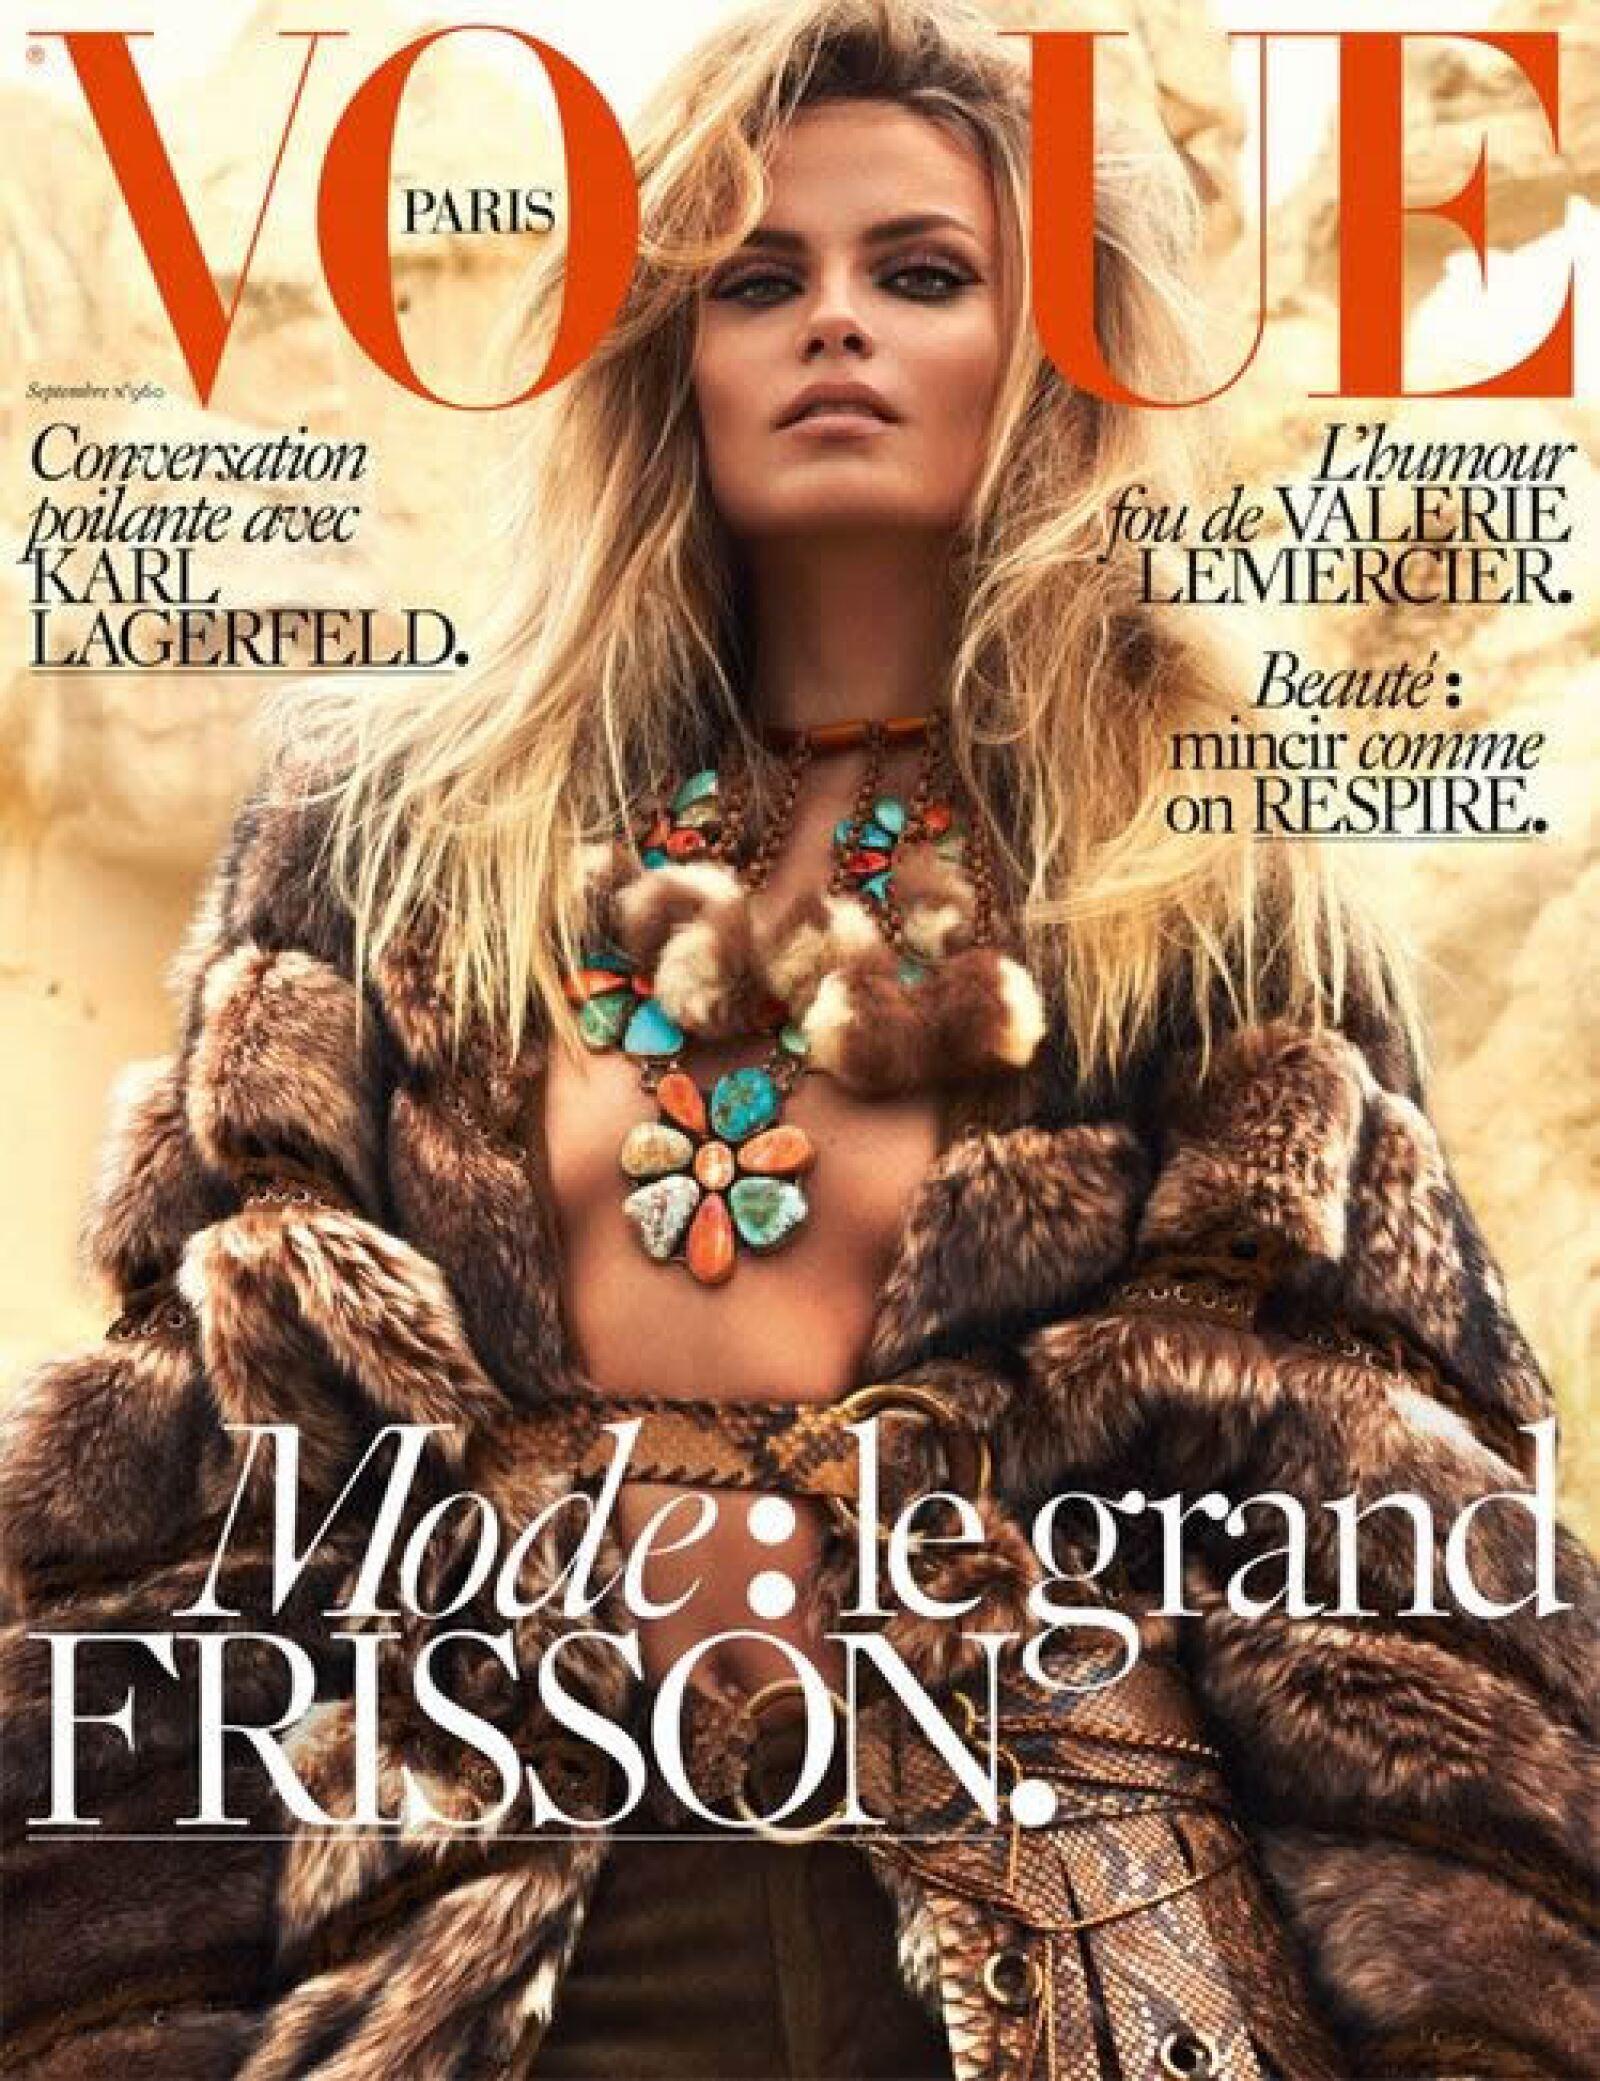 Vogue París: En su segunda portada del mes, Natasha Poly es fotografiada por Mert and Marcus para Vogue.